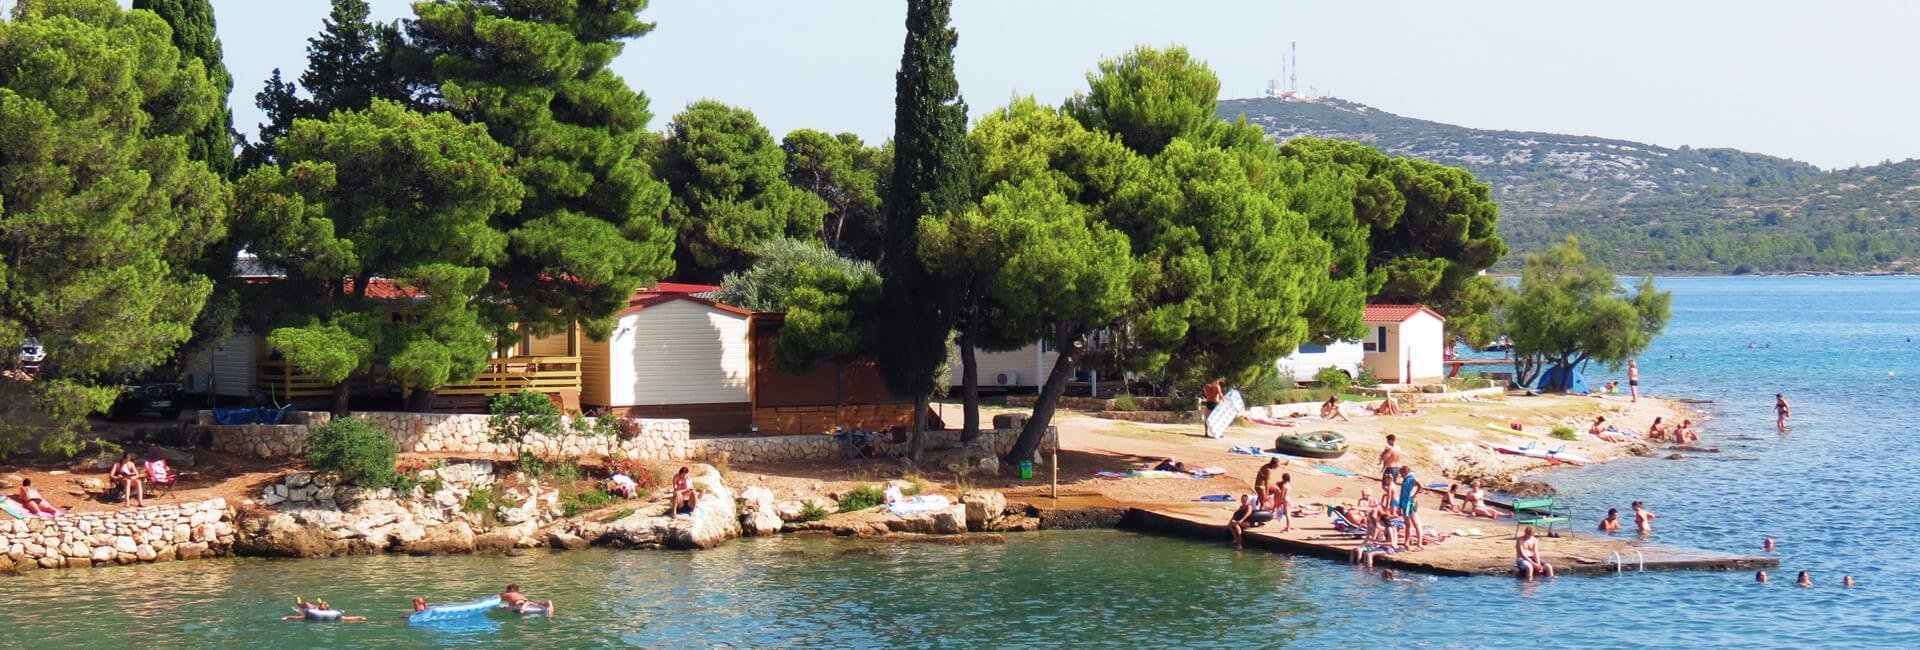 Campsite Miran Pirovac beach